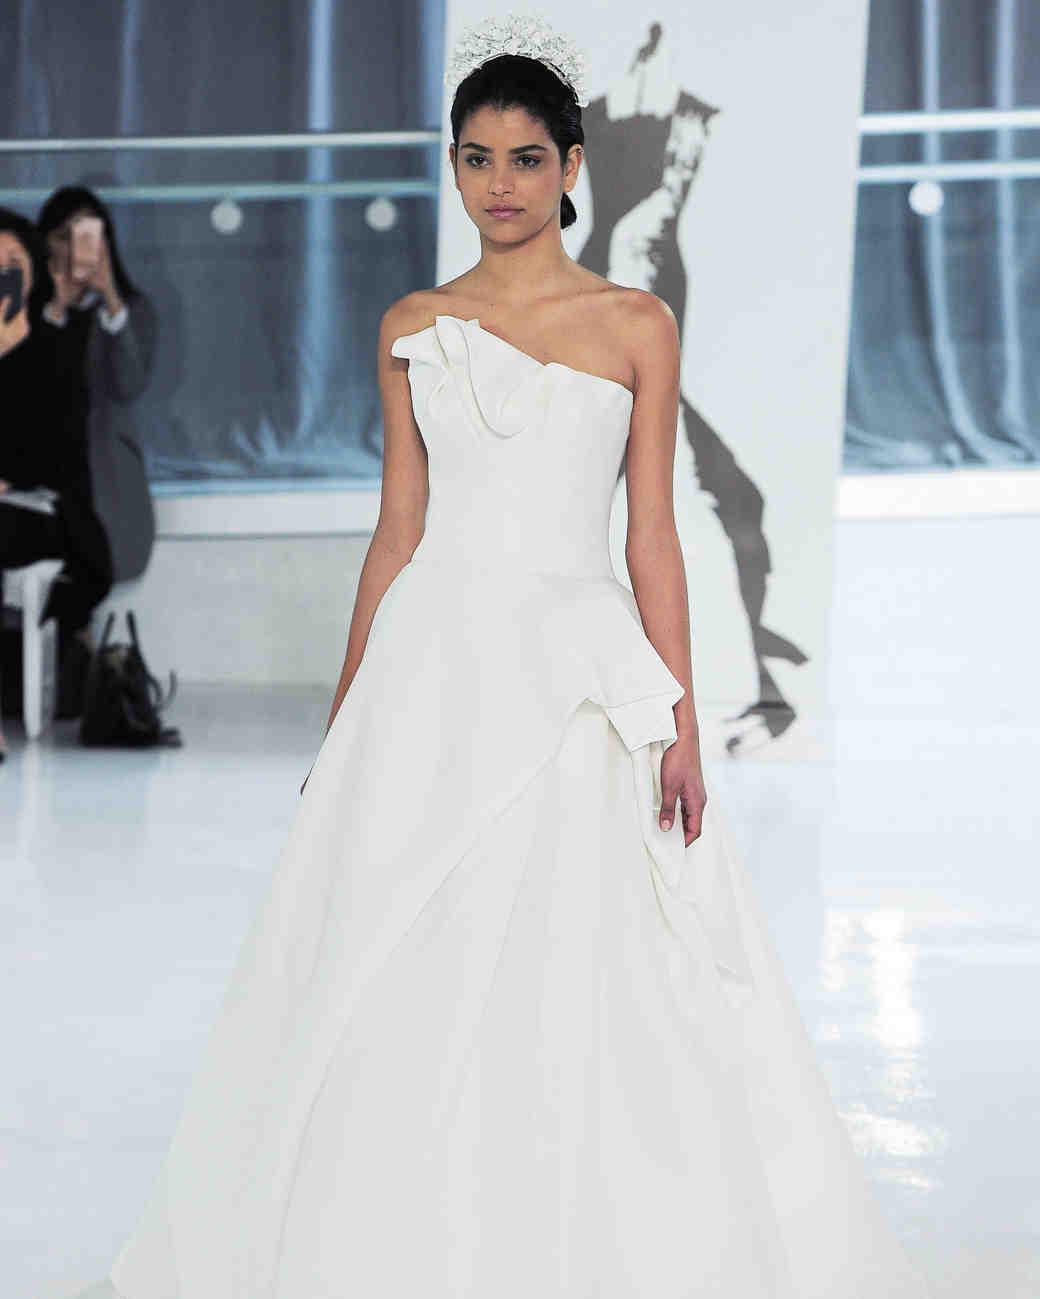 موديلات فساتين زفاف عصرية من تصميم بيتر لانغير لربيع 2018